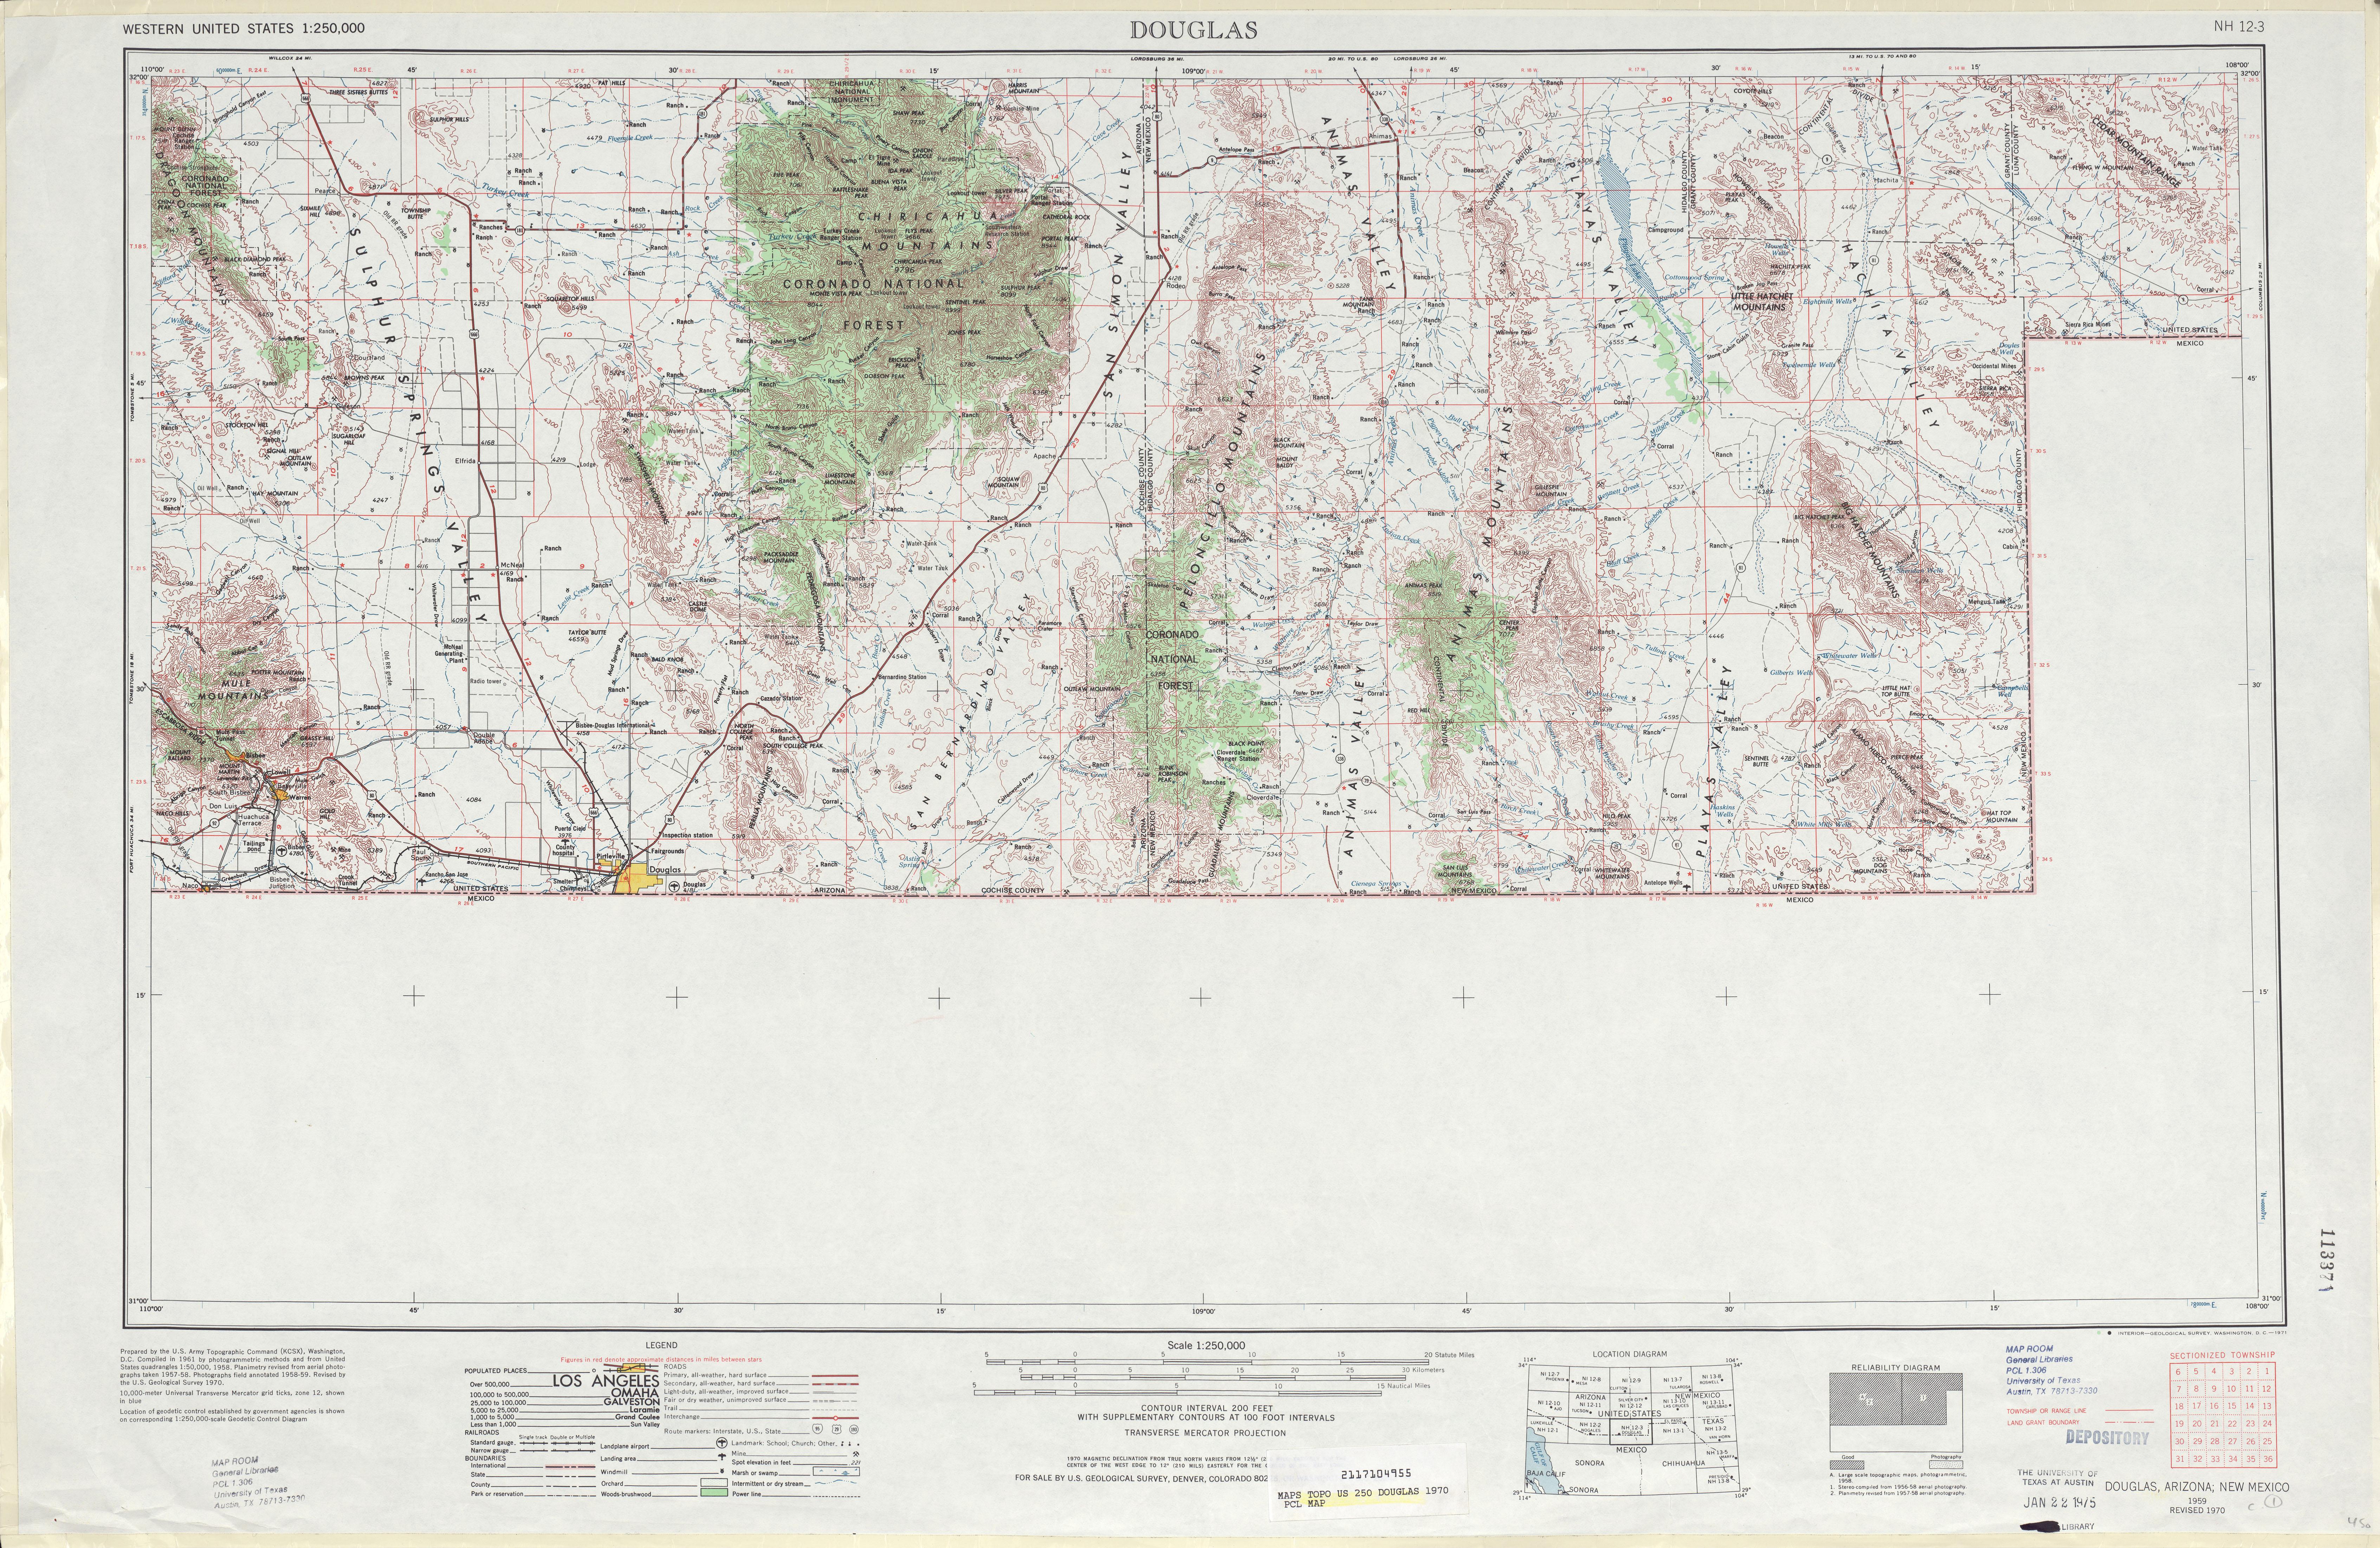 Hoja Douglas del Mapa Topográfico de los Estados Unidos 1970